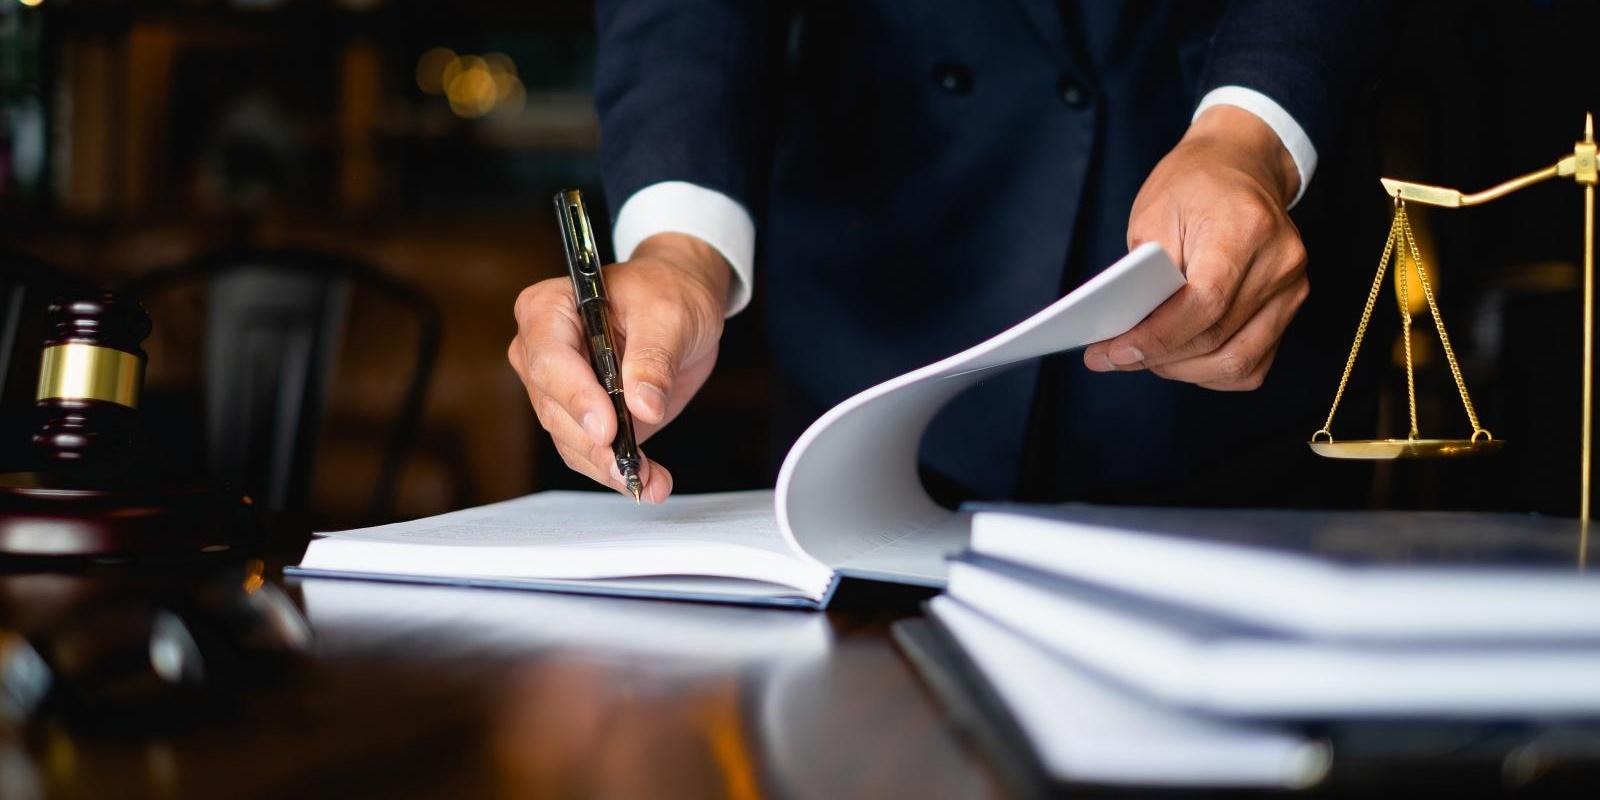 suspensão do pagamento de ICMS e parcelamentos